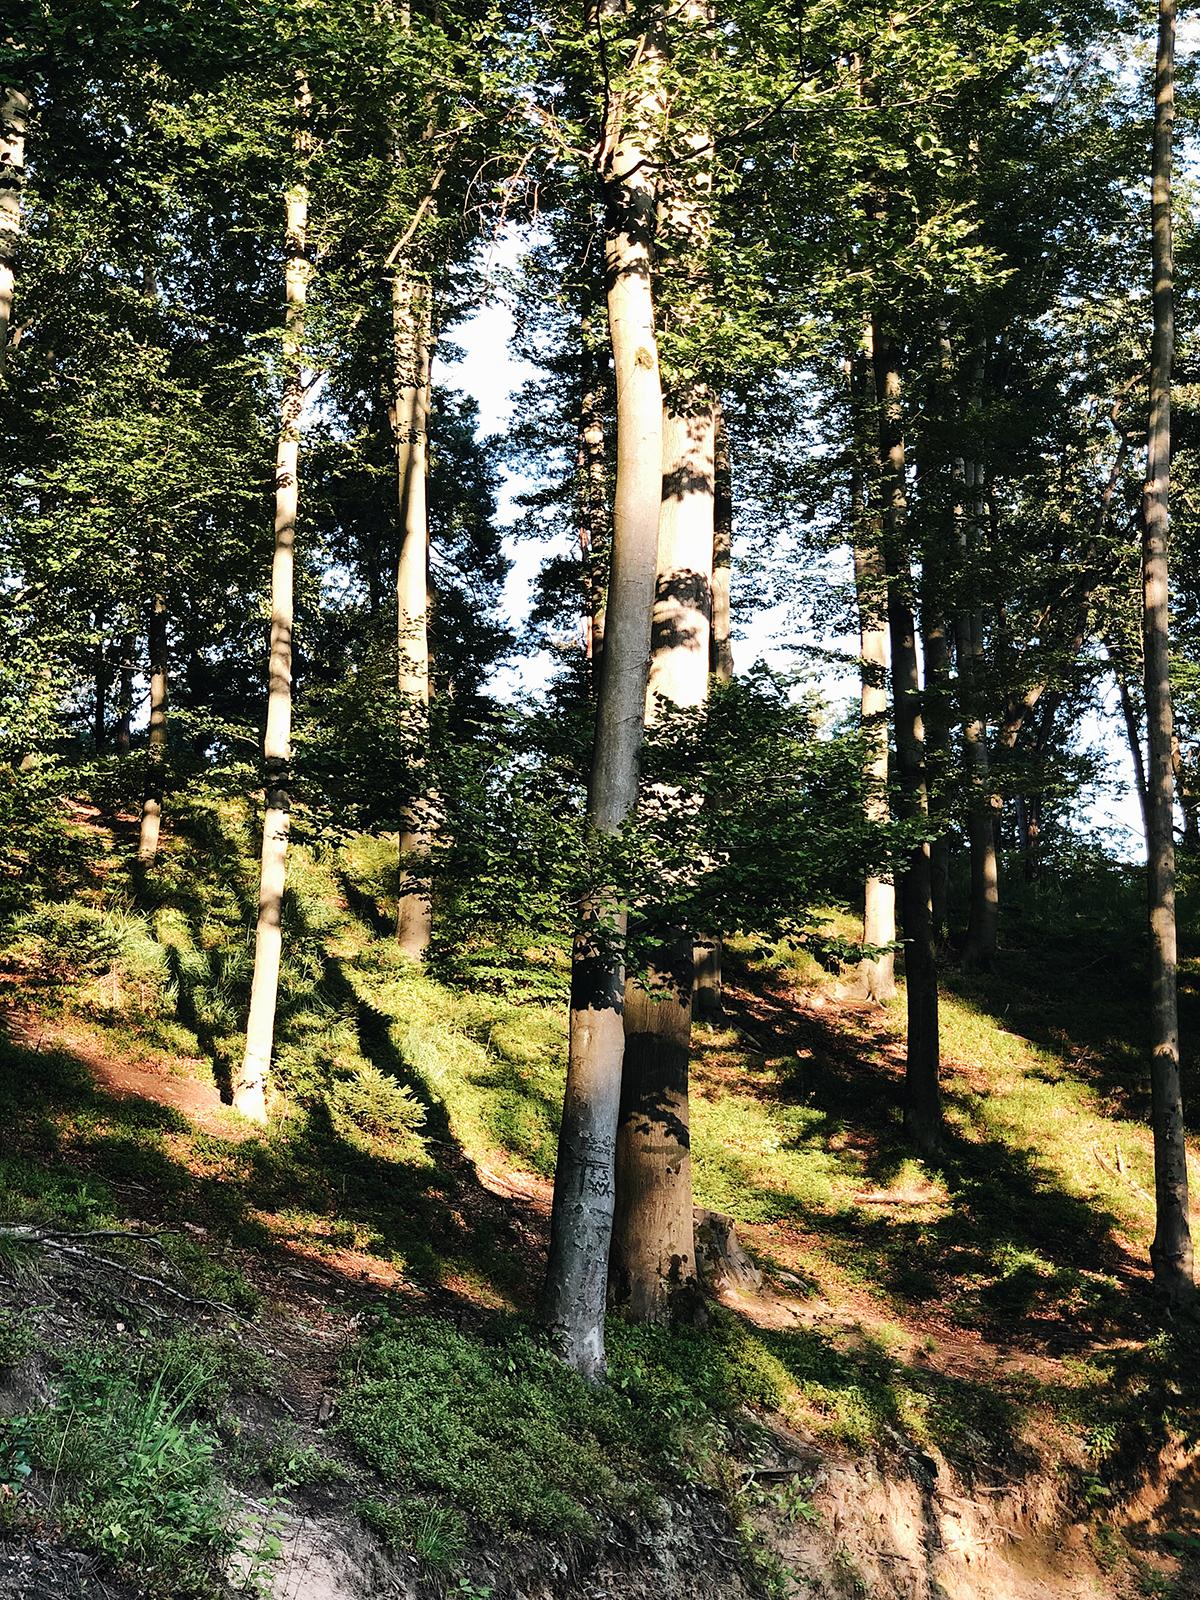 ohranimo-naravo-čisto-in-neokrnjeno-lili-in-roza-blog-skrb-za-okolje-gozd-8.JPG